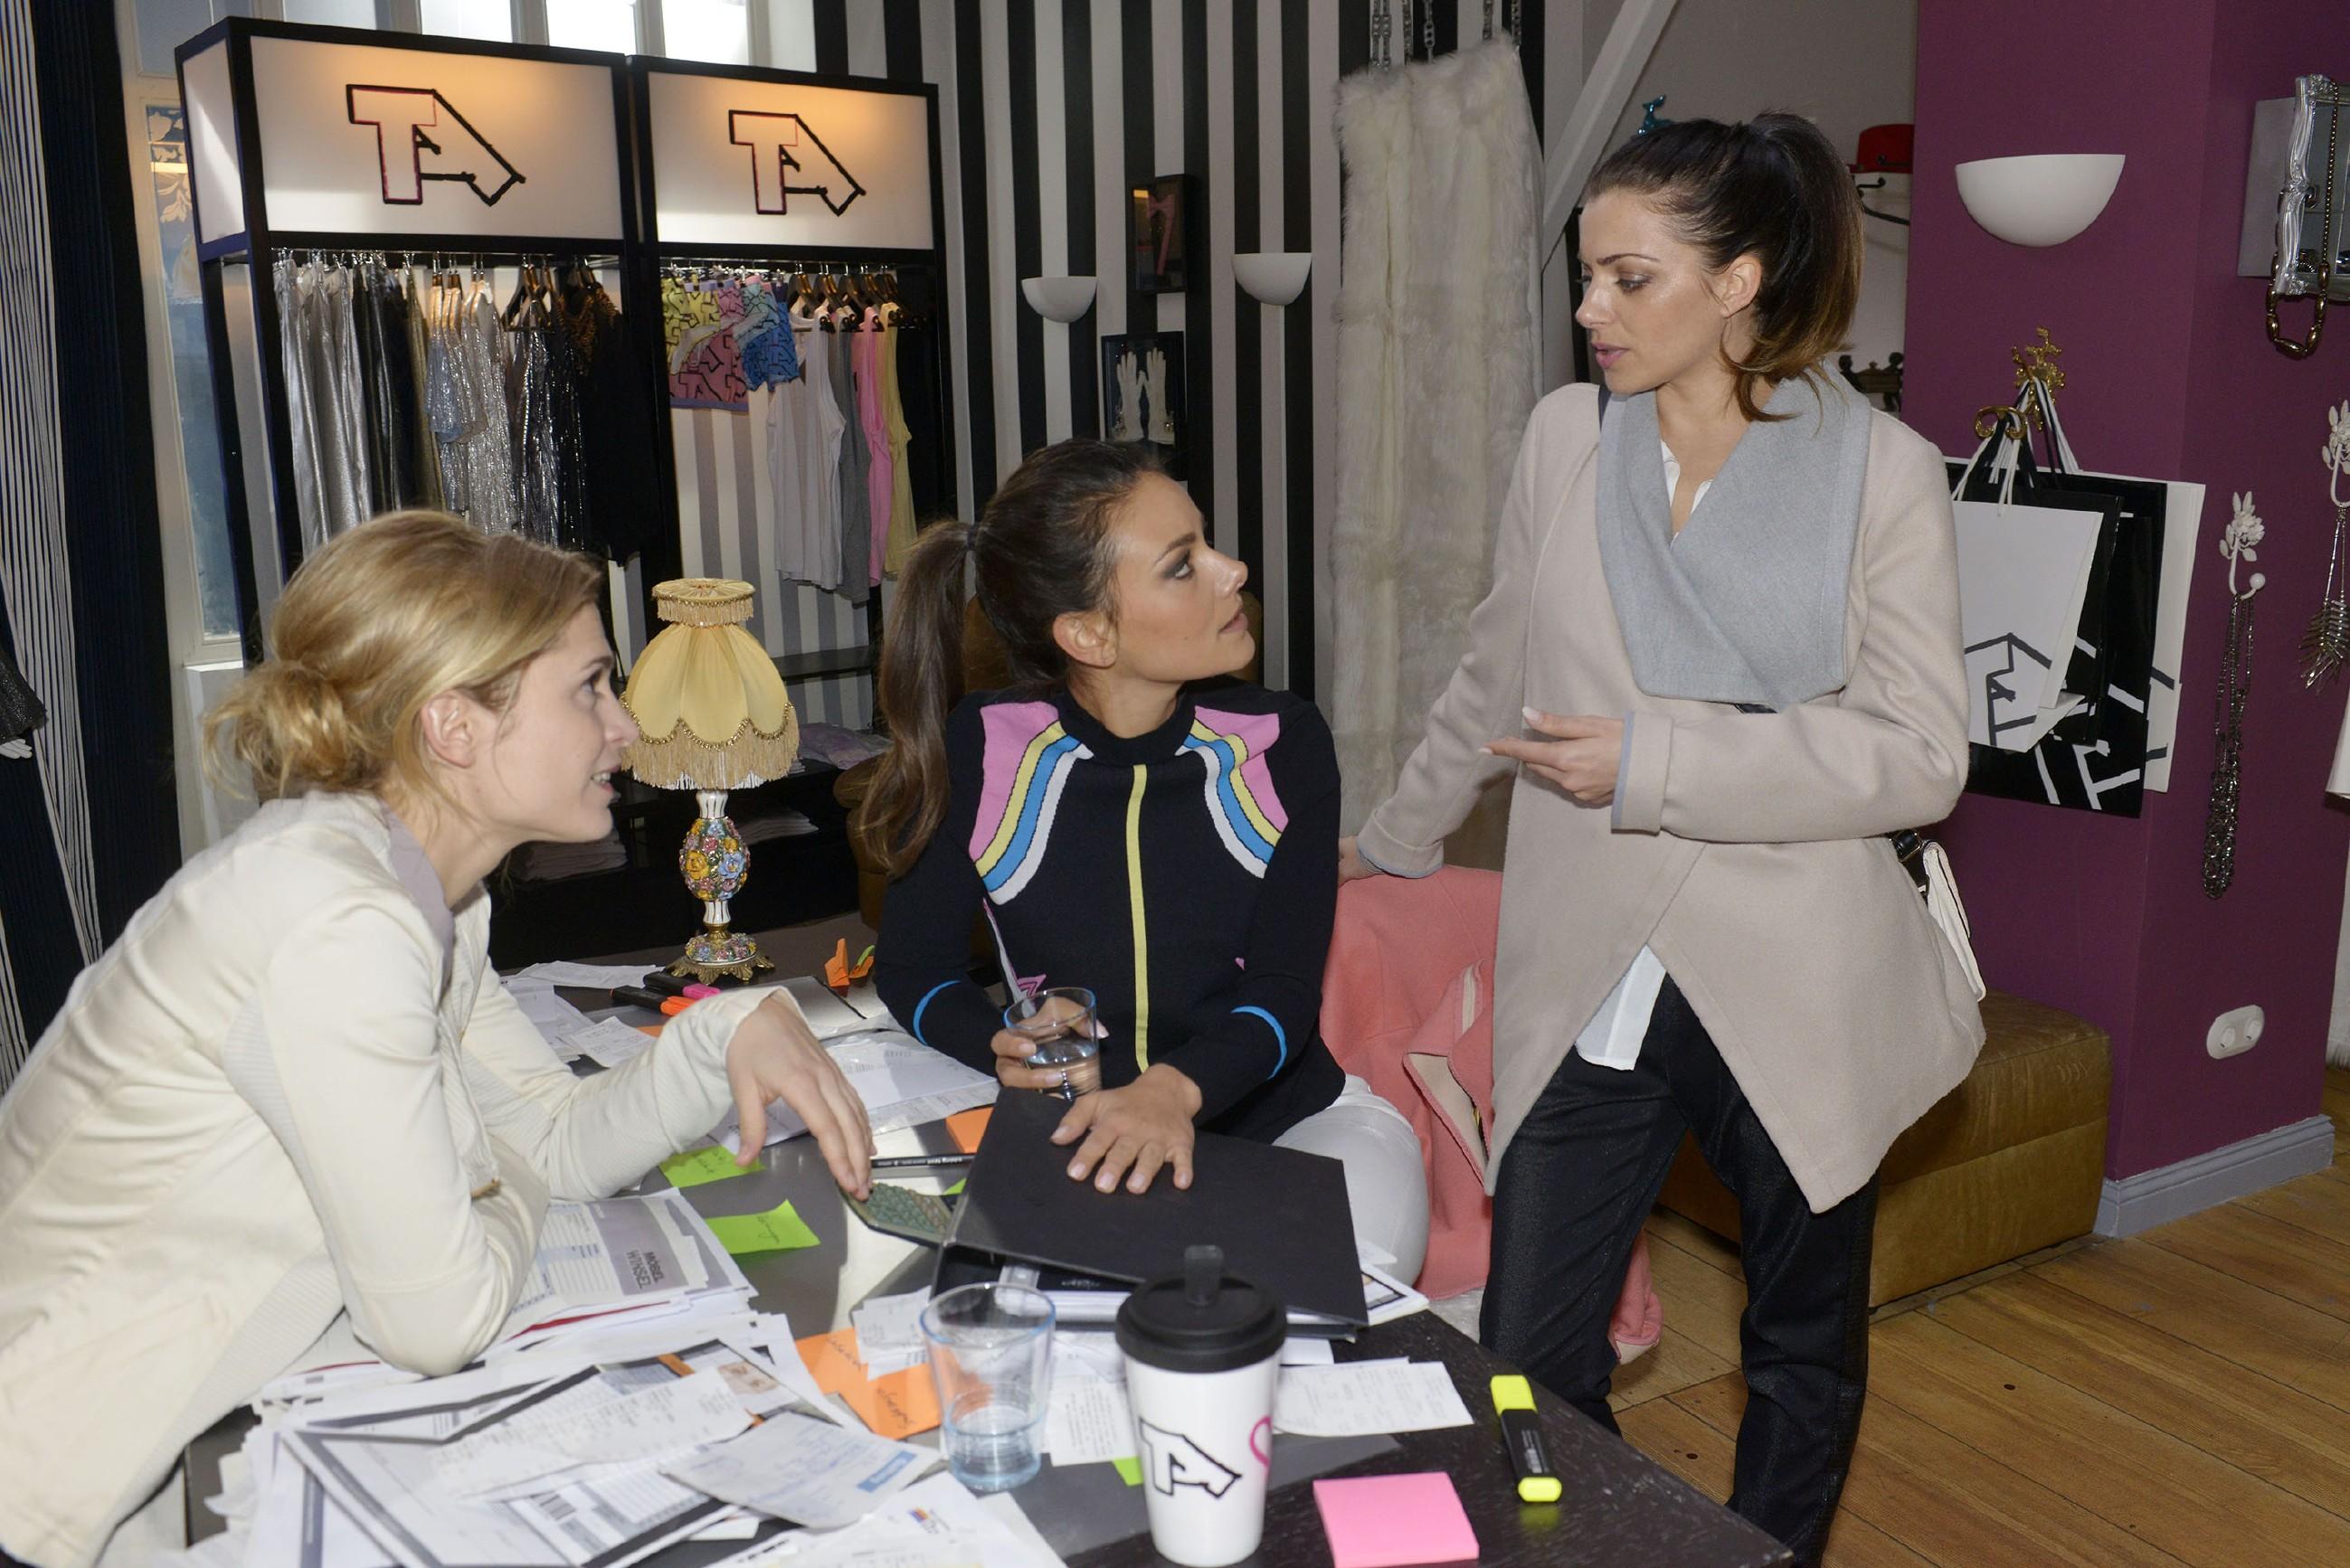 Emily (Anne Menden, r.) hat Jasmin (Janina Uhse, M.) und Sophie (Lea Marlen Woitack) gegenüber ein schlechtes Gewissen, weil sie wegen Paul ihre Arbeit bei Tussi Attack vernachlässigt hat. (Quelle: RTL / Rolf Baumgartner)